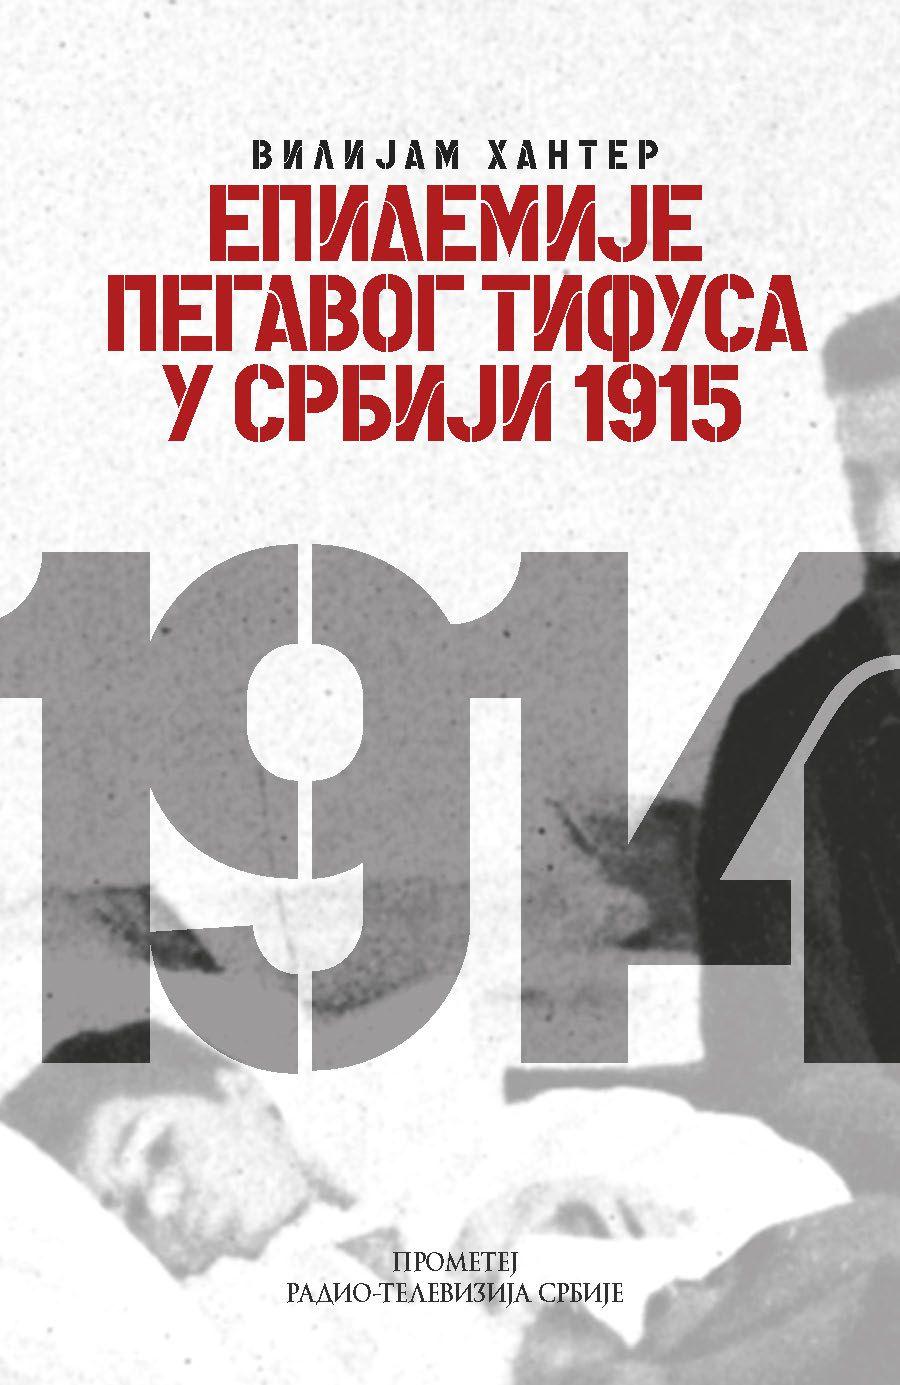 Епидемије пегавог тифуса у Србији 1915